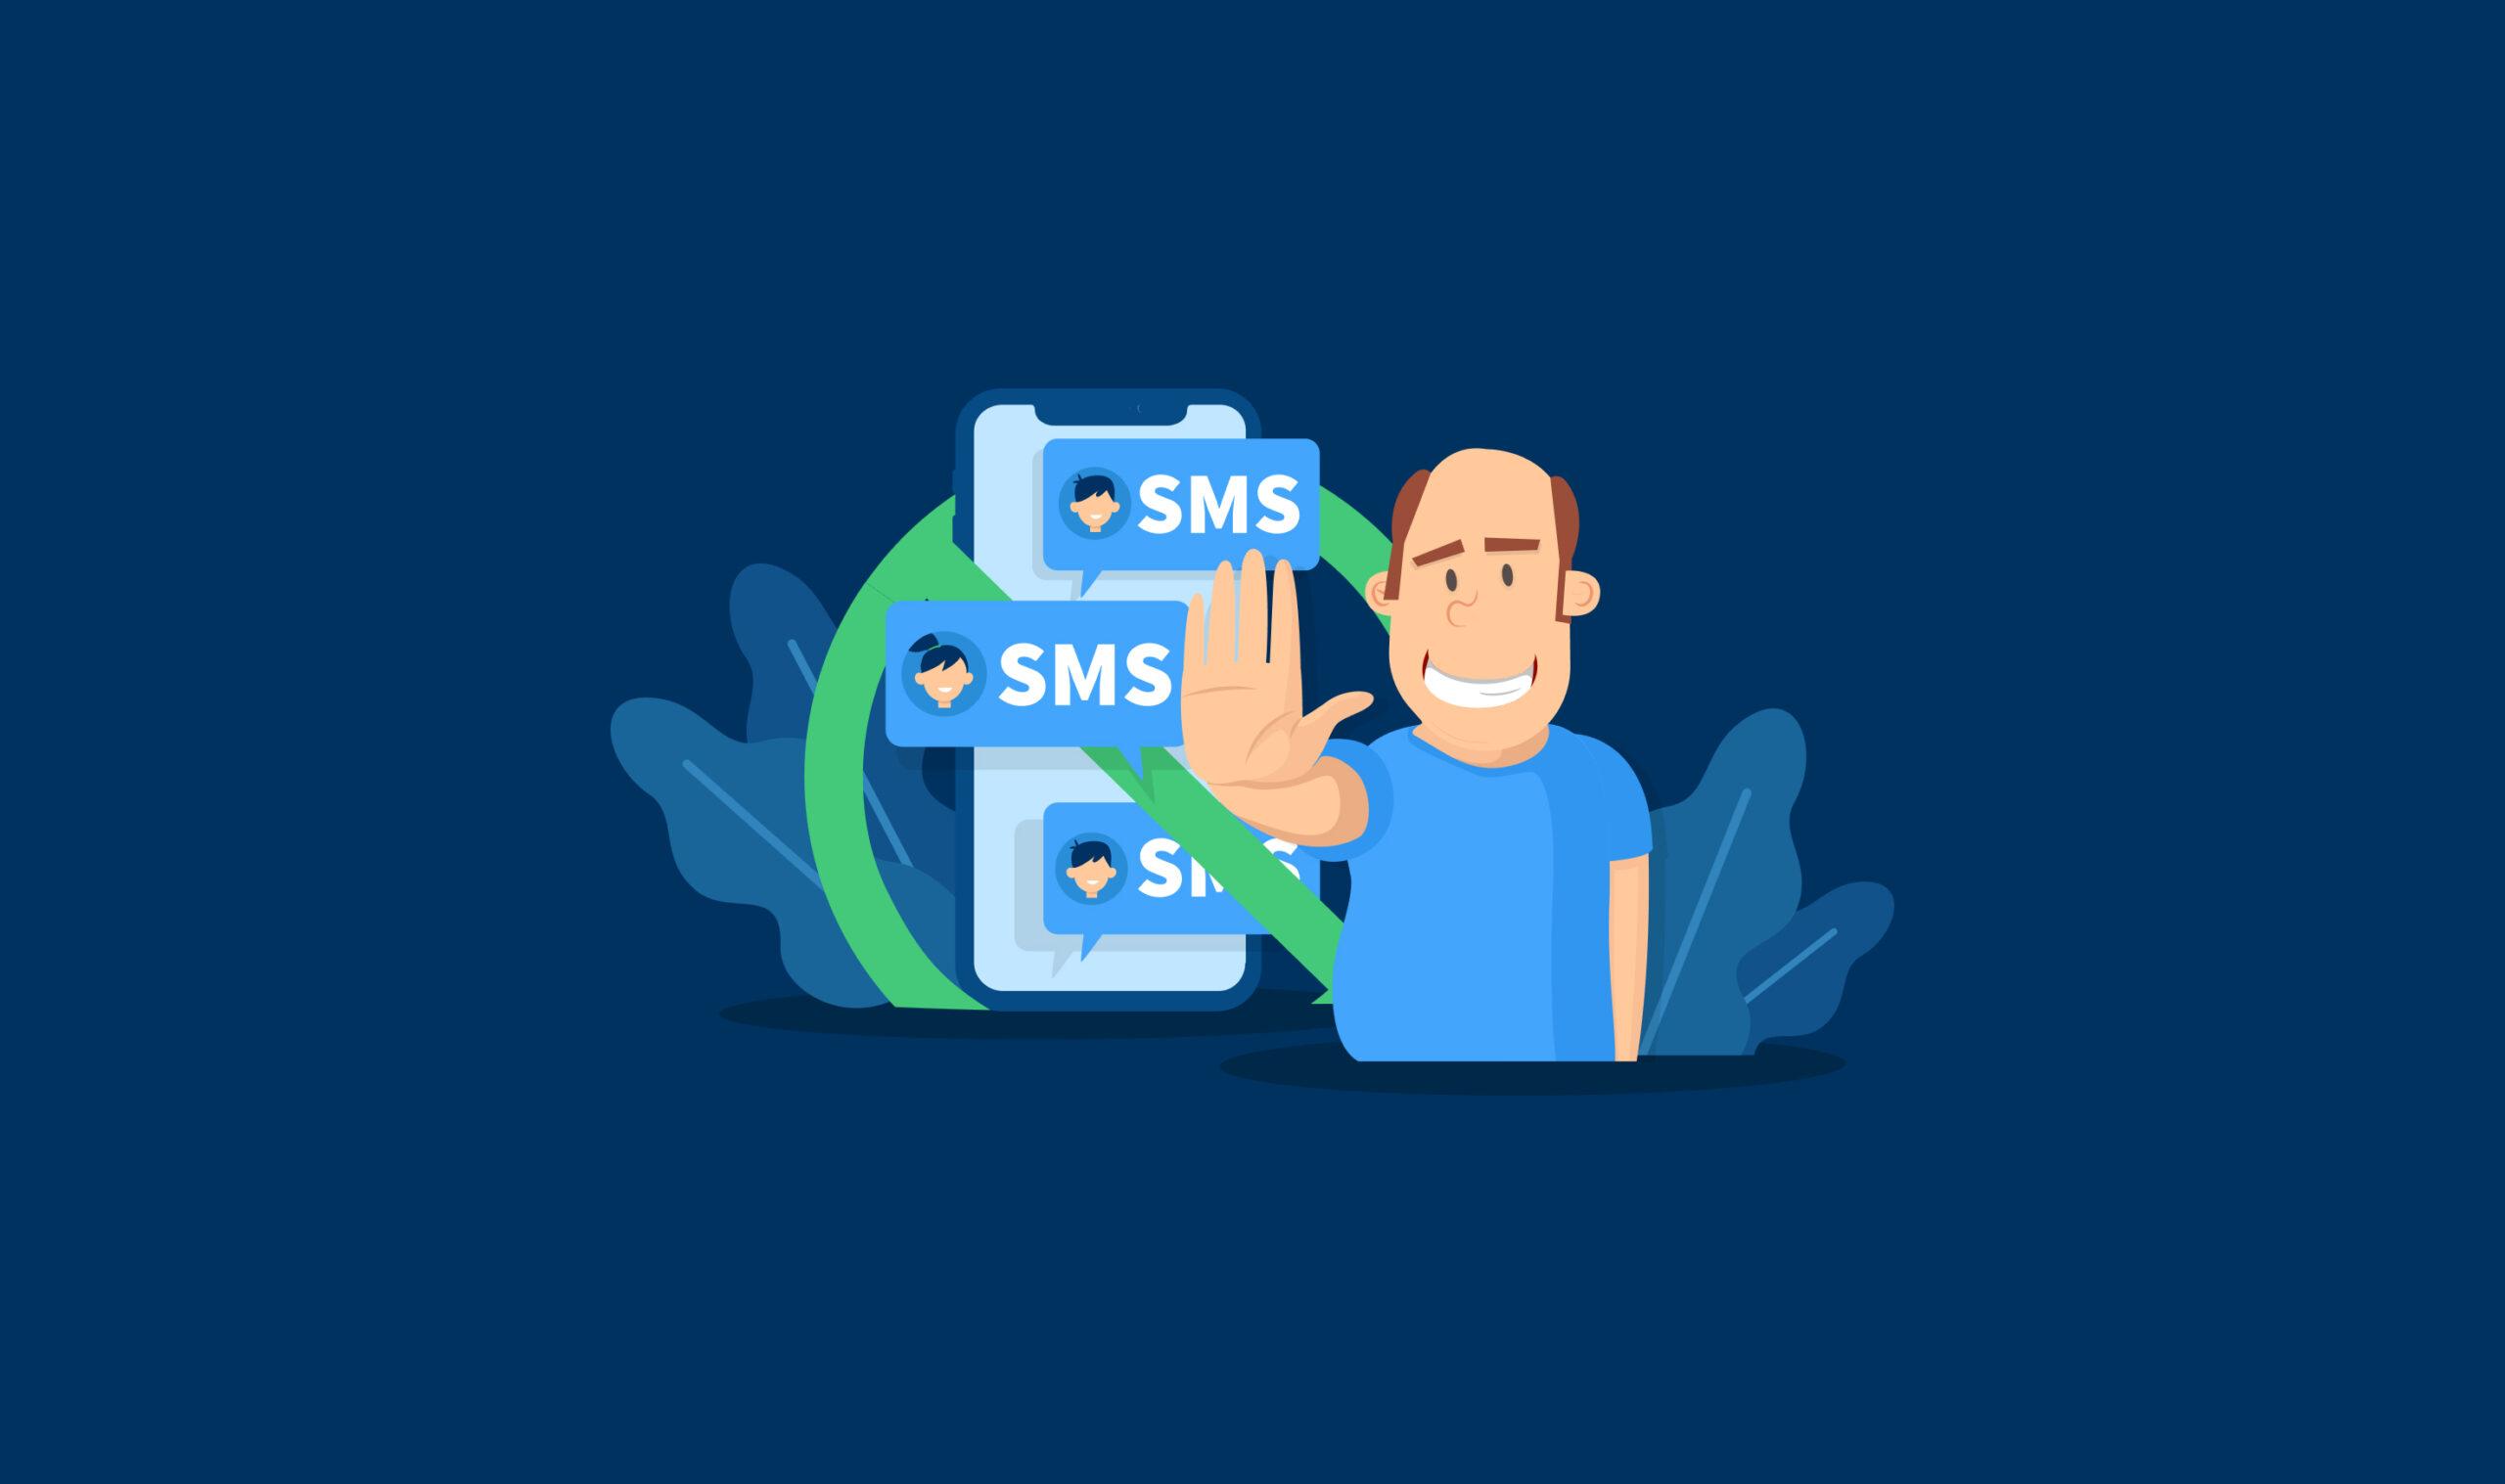 Perché gli SMS non sono sicuri per le comunicazioni con i clienti e sono inefficienti per il tuo studio